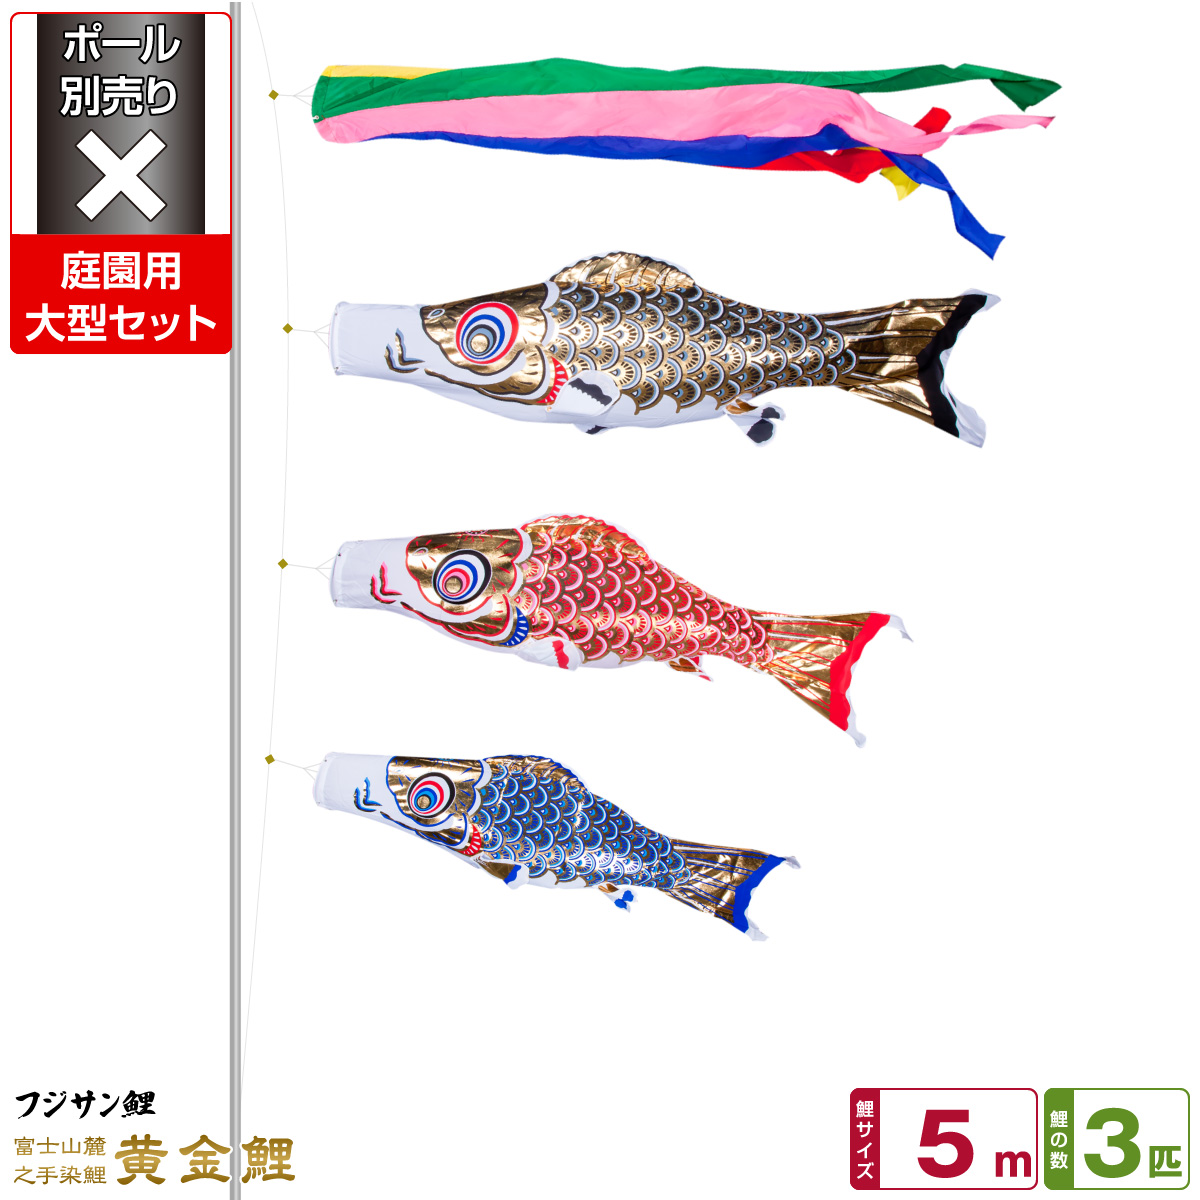 庭園用 こいのぼり 鯉のぼり フジサン鯉 黄金鯉 5m 6点(吹流し+鯉3匹+矢車+ロープ)/庭園大型セット【ポール 別売】